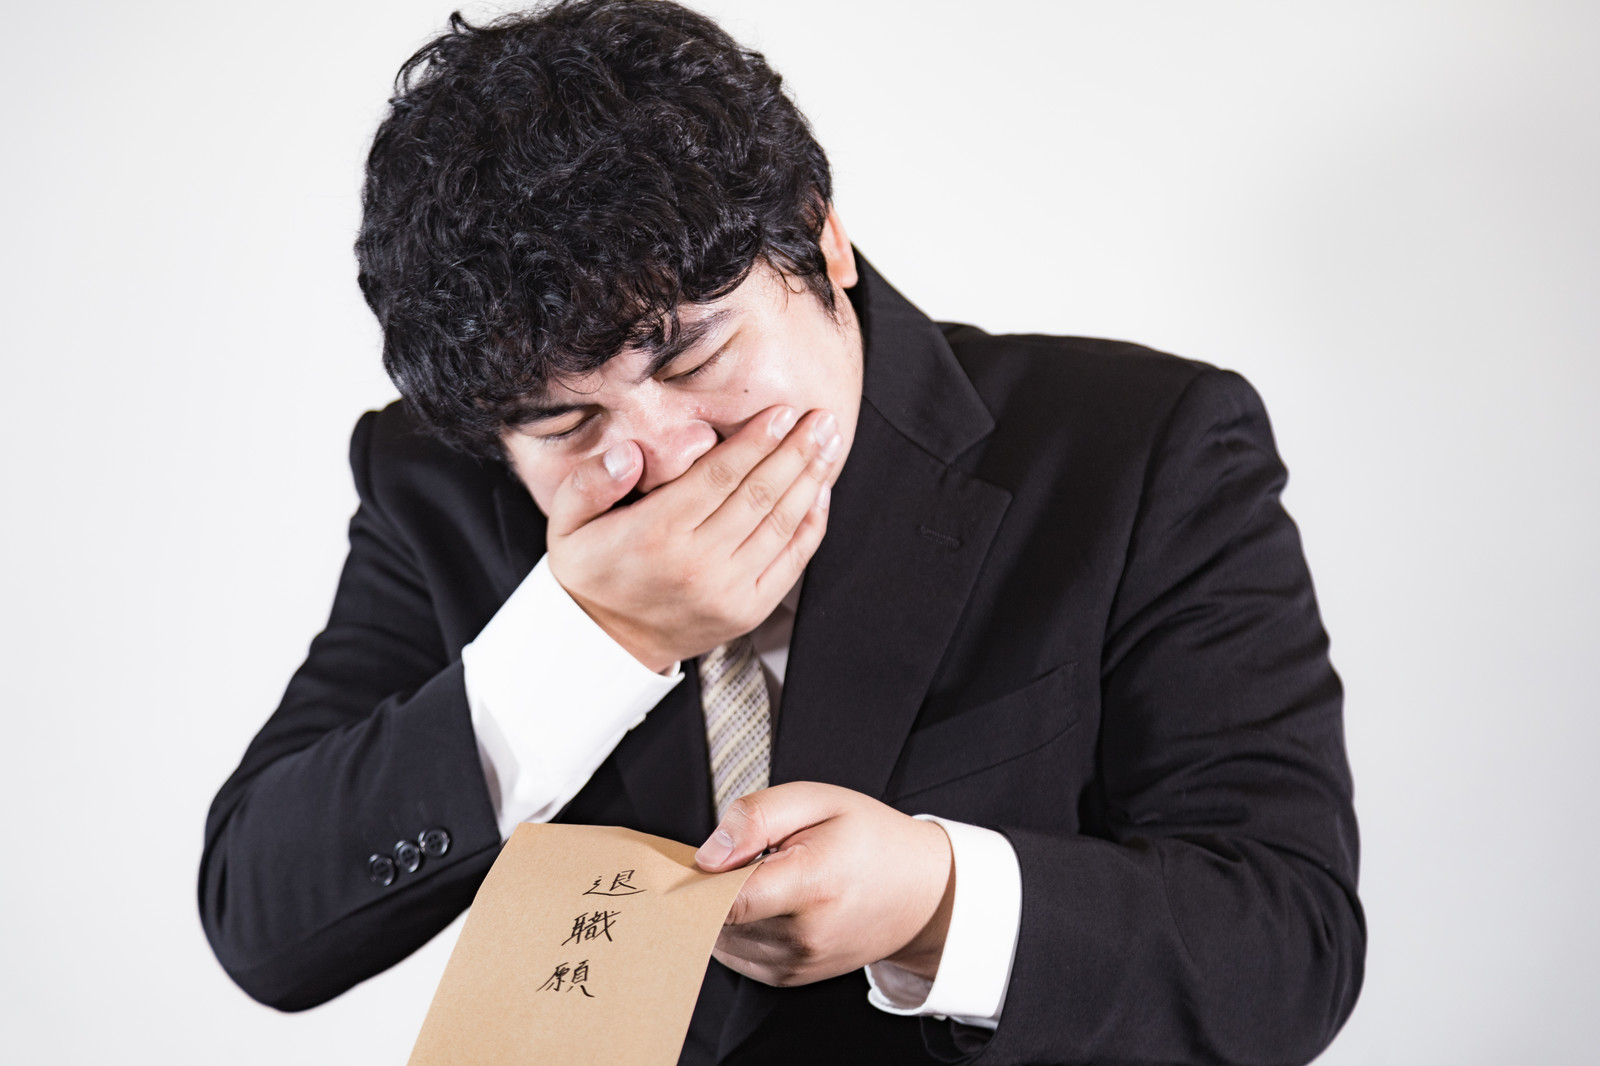 【現役店長が解説!】店長への退職理由の伝え方【アルバイト編】